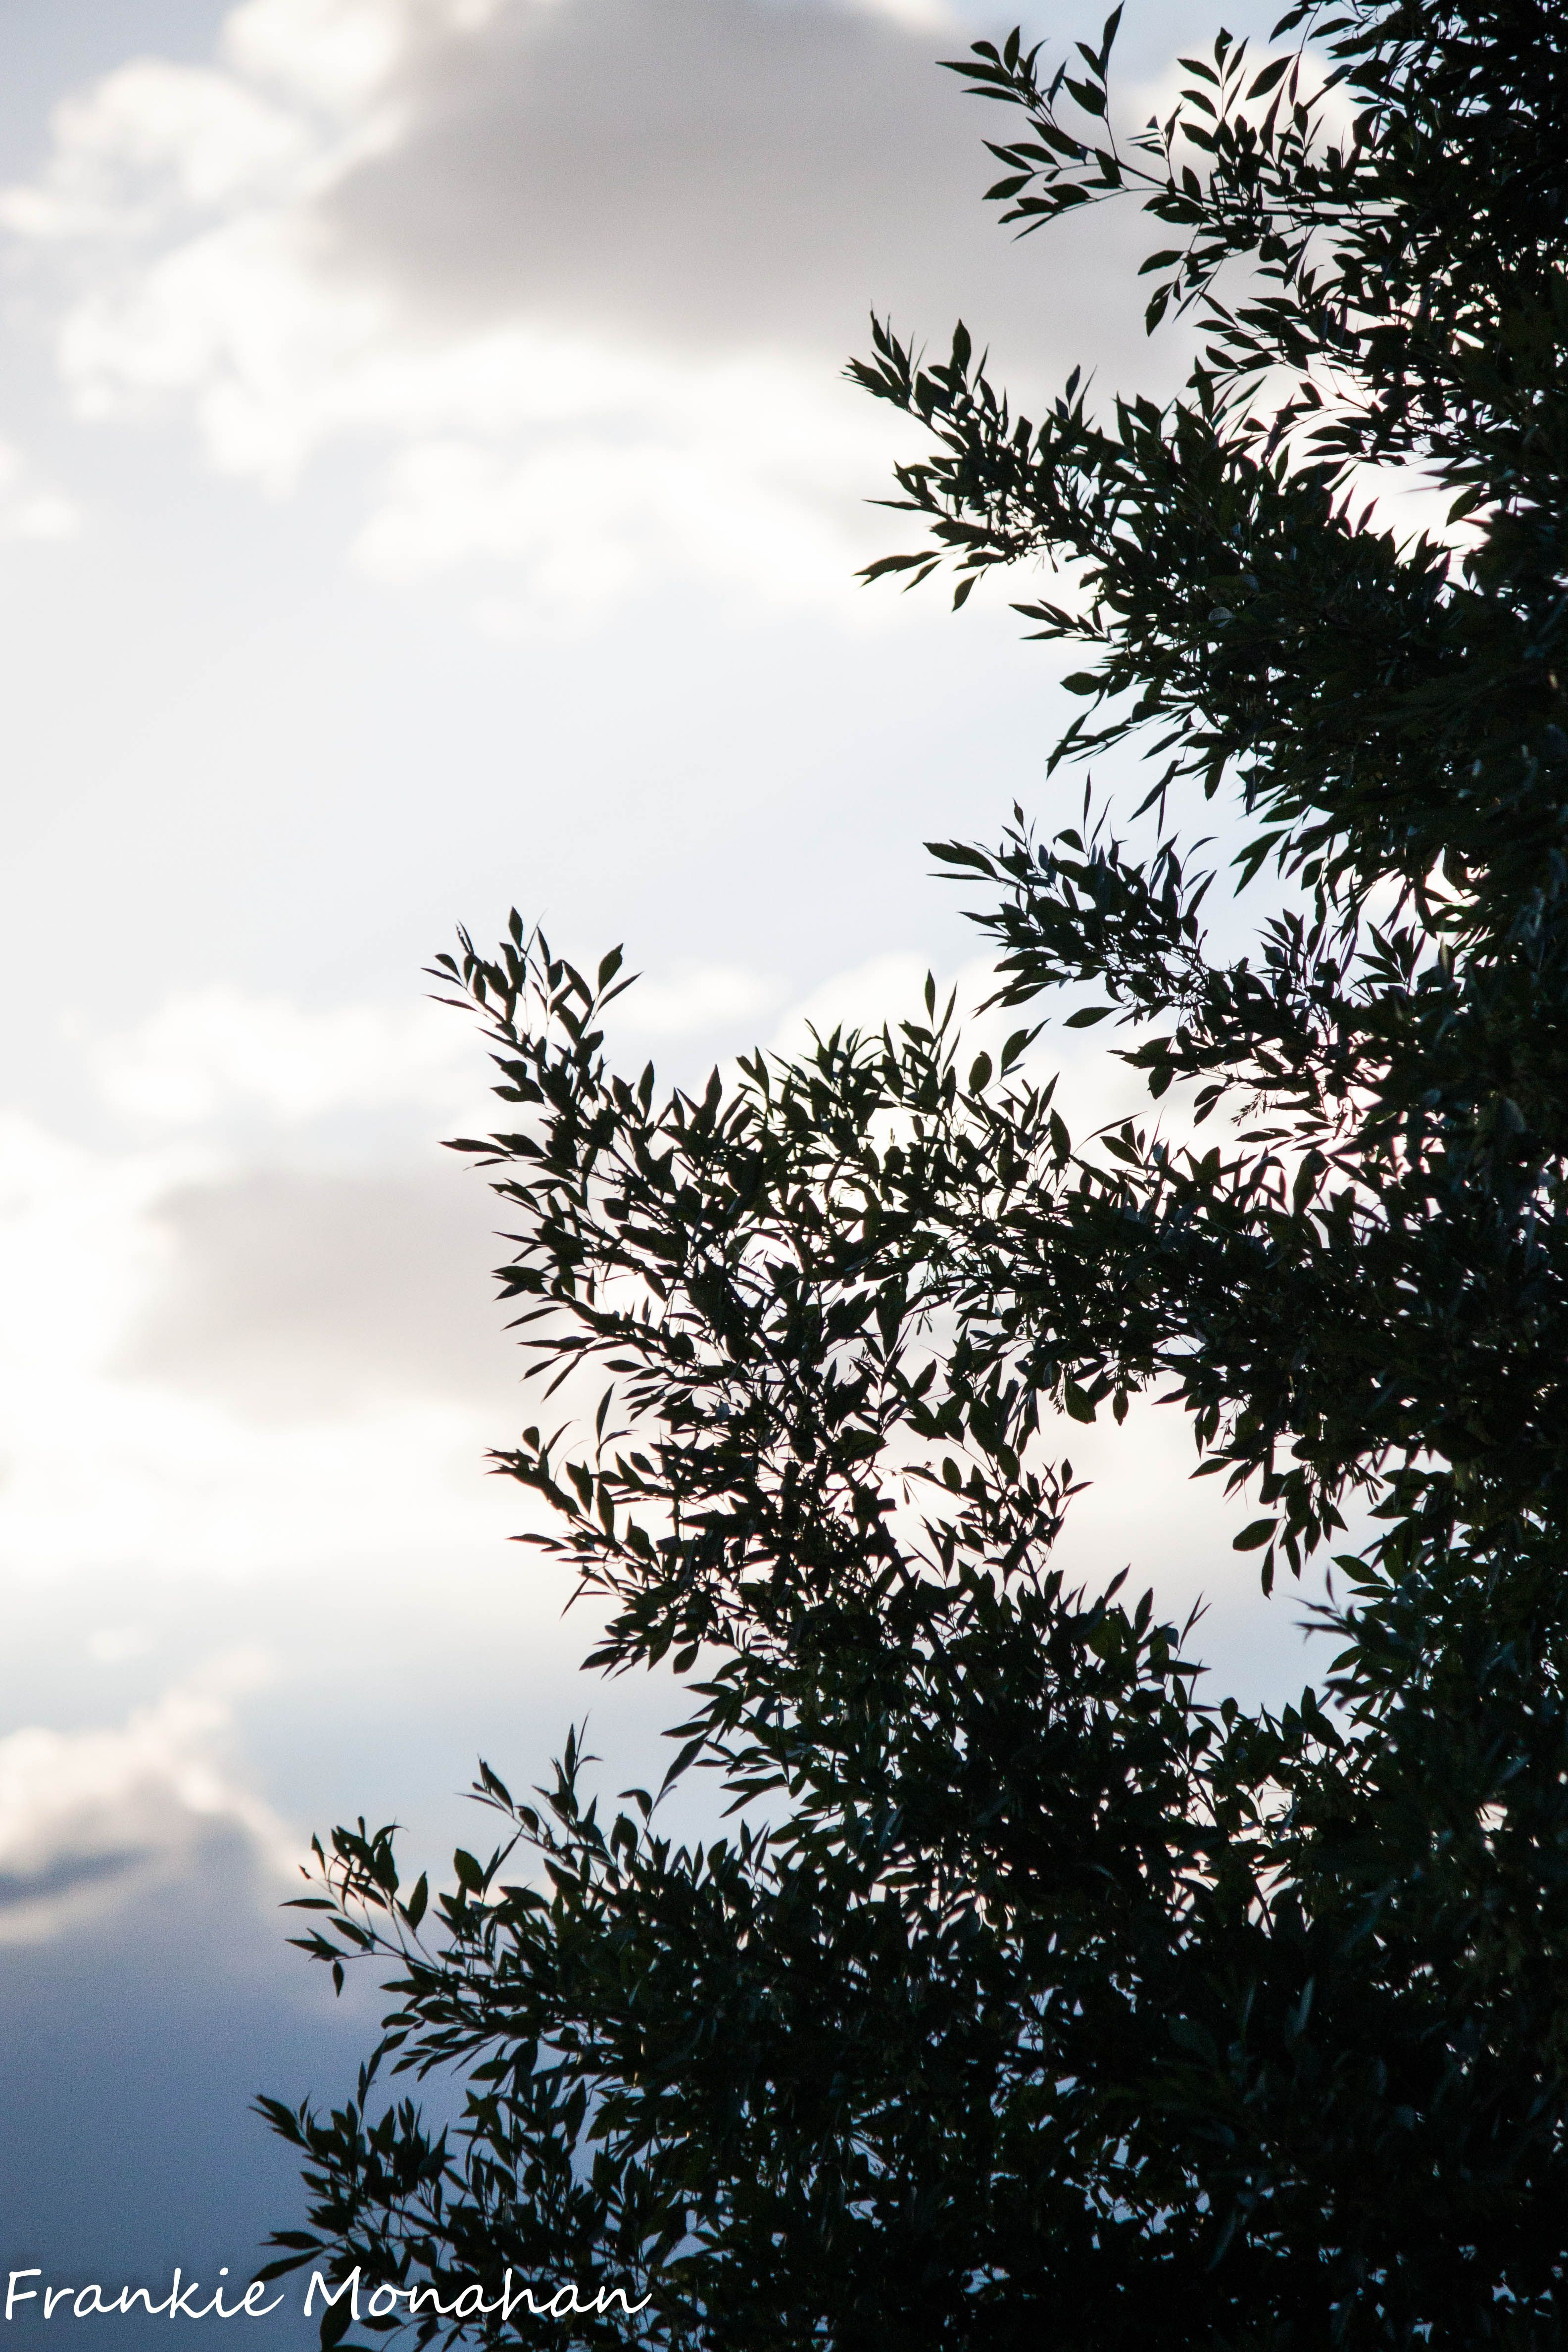 clouds, trees, landscape